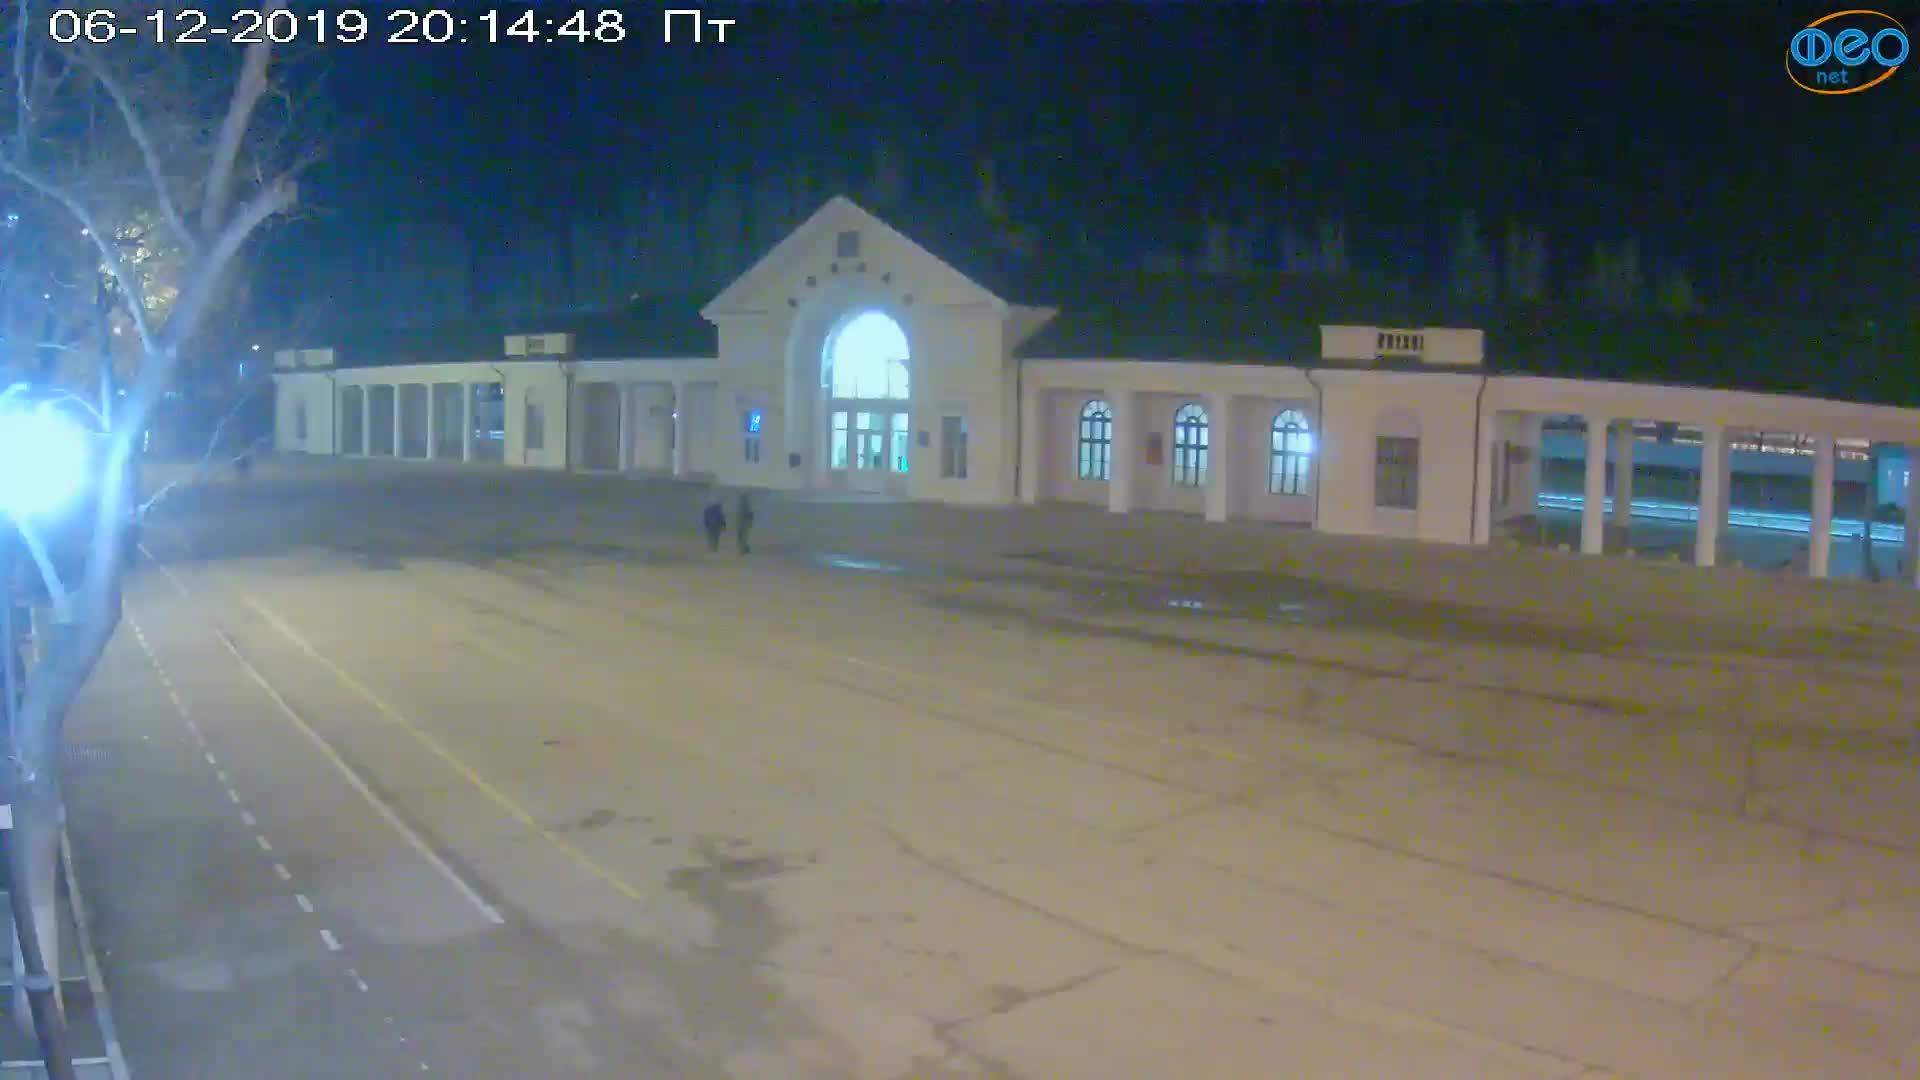 Веб-камеры Феодосии, Привокзальная площадь, 2019-12-06 20:15:10